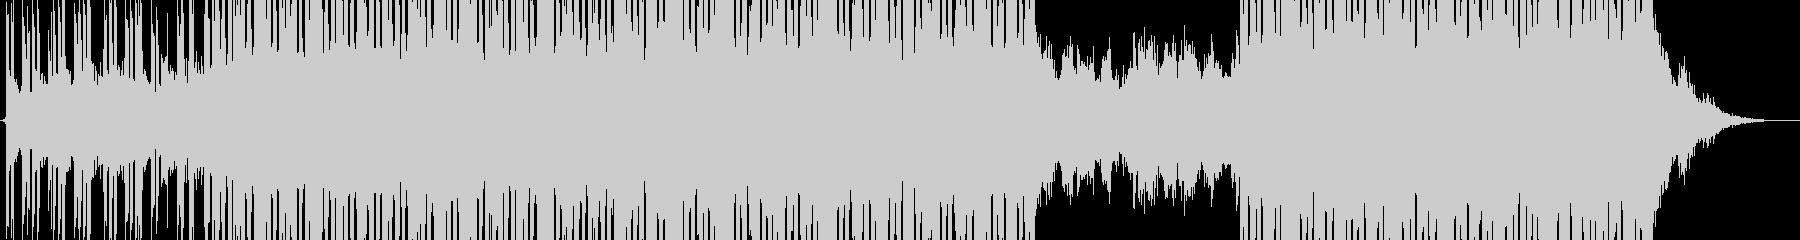 アンビエント 広い 壮大 ゆっくり...の未再生の波形